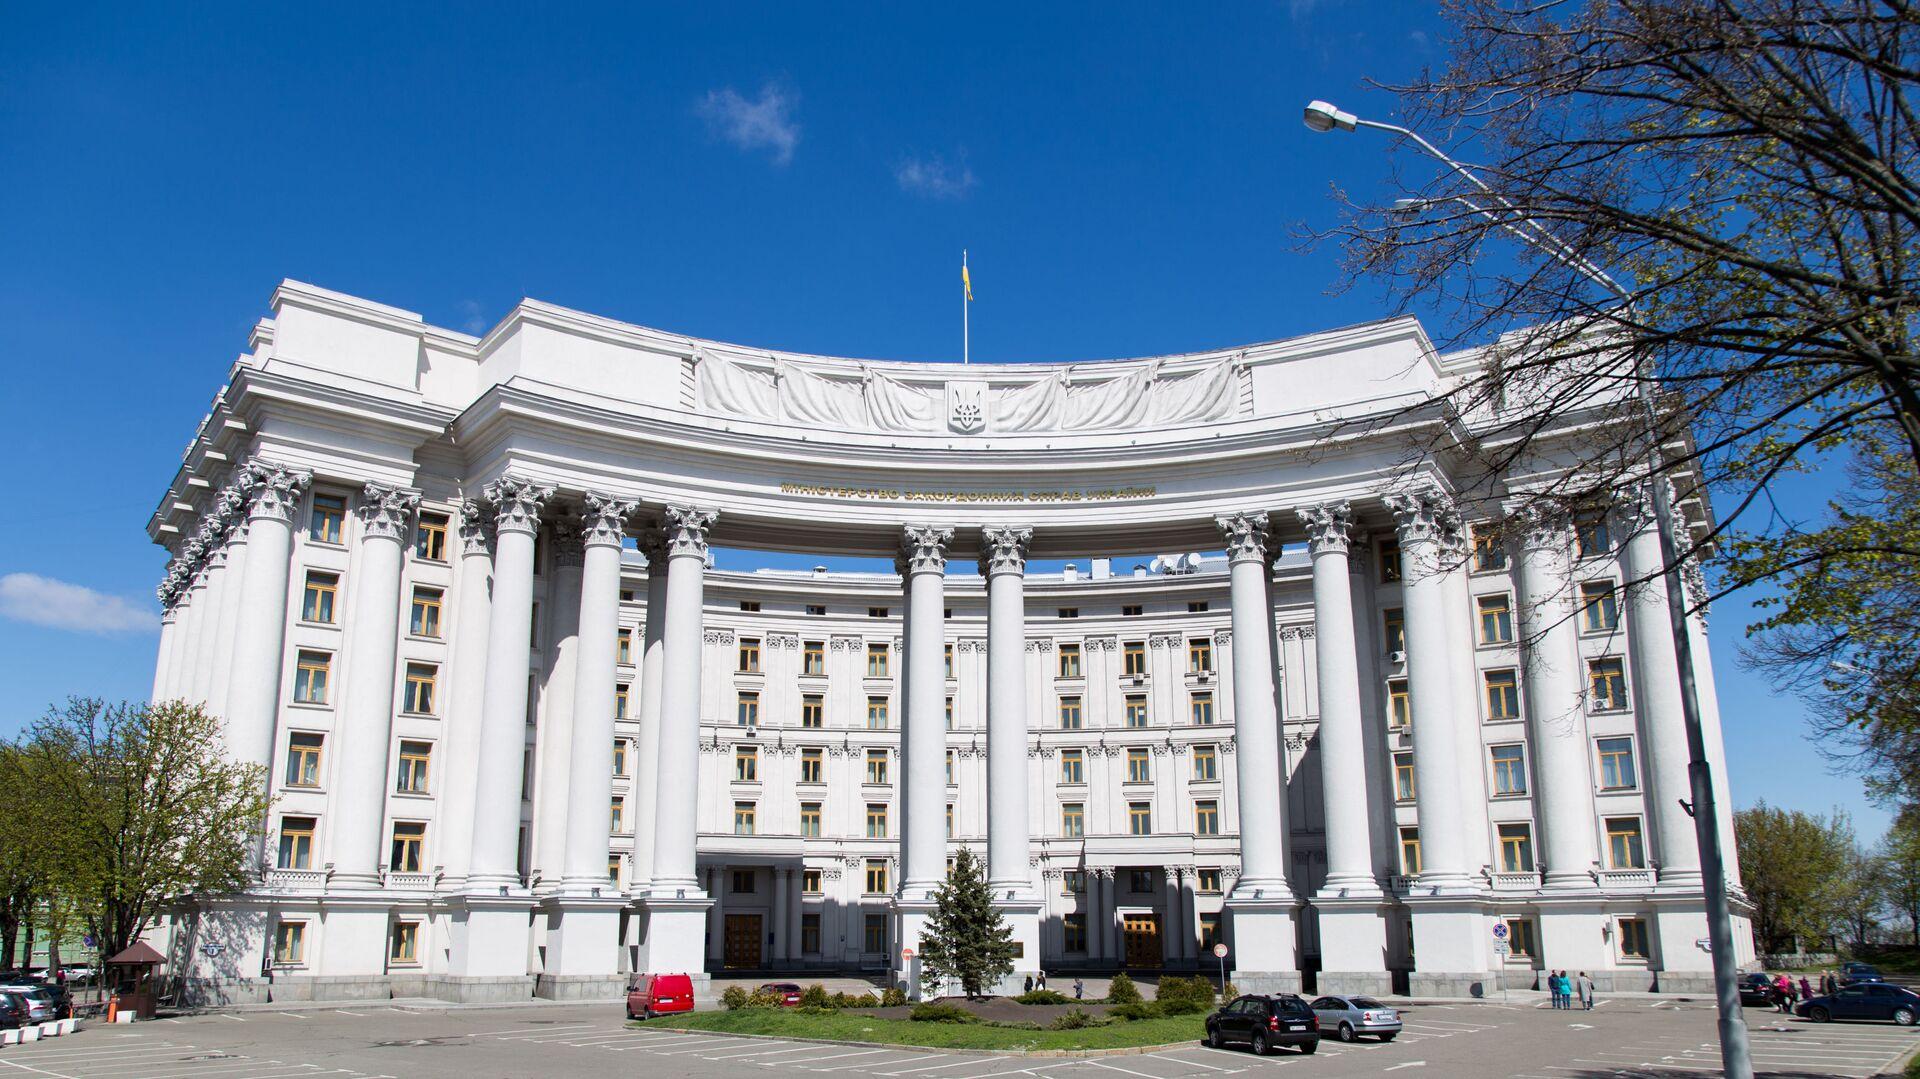 Kijev formulisao spoljnopolitičku strategiju, traži od Rusije reparacije - Sputnik Srbija, 1920, 05.10.2021